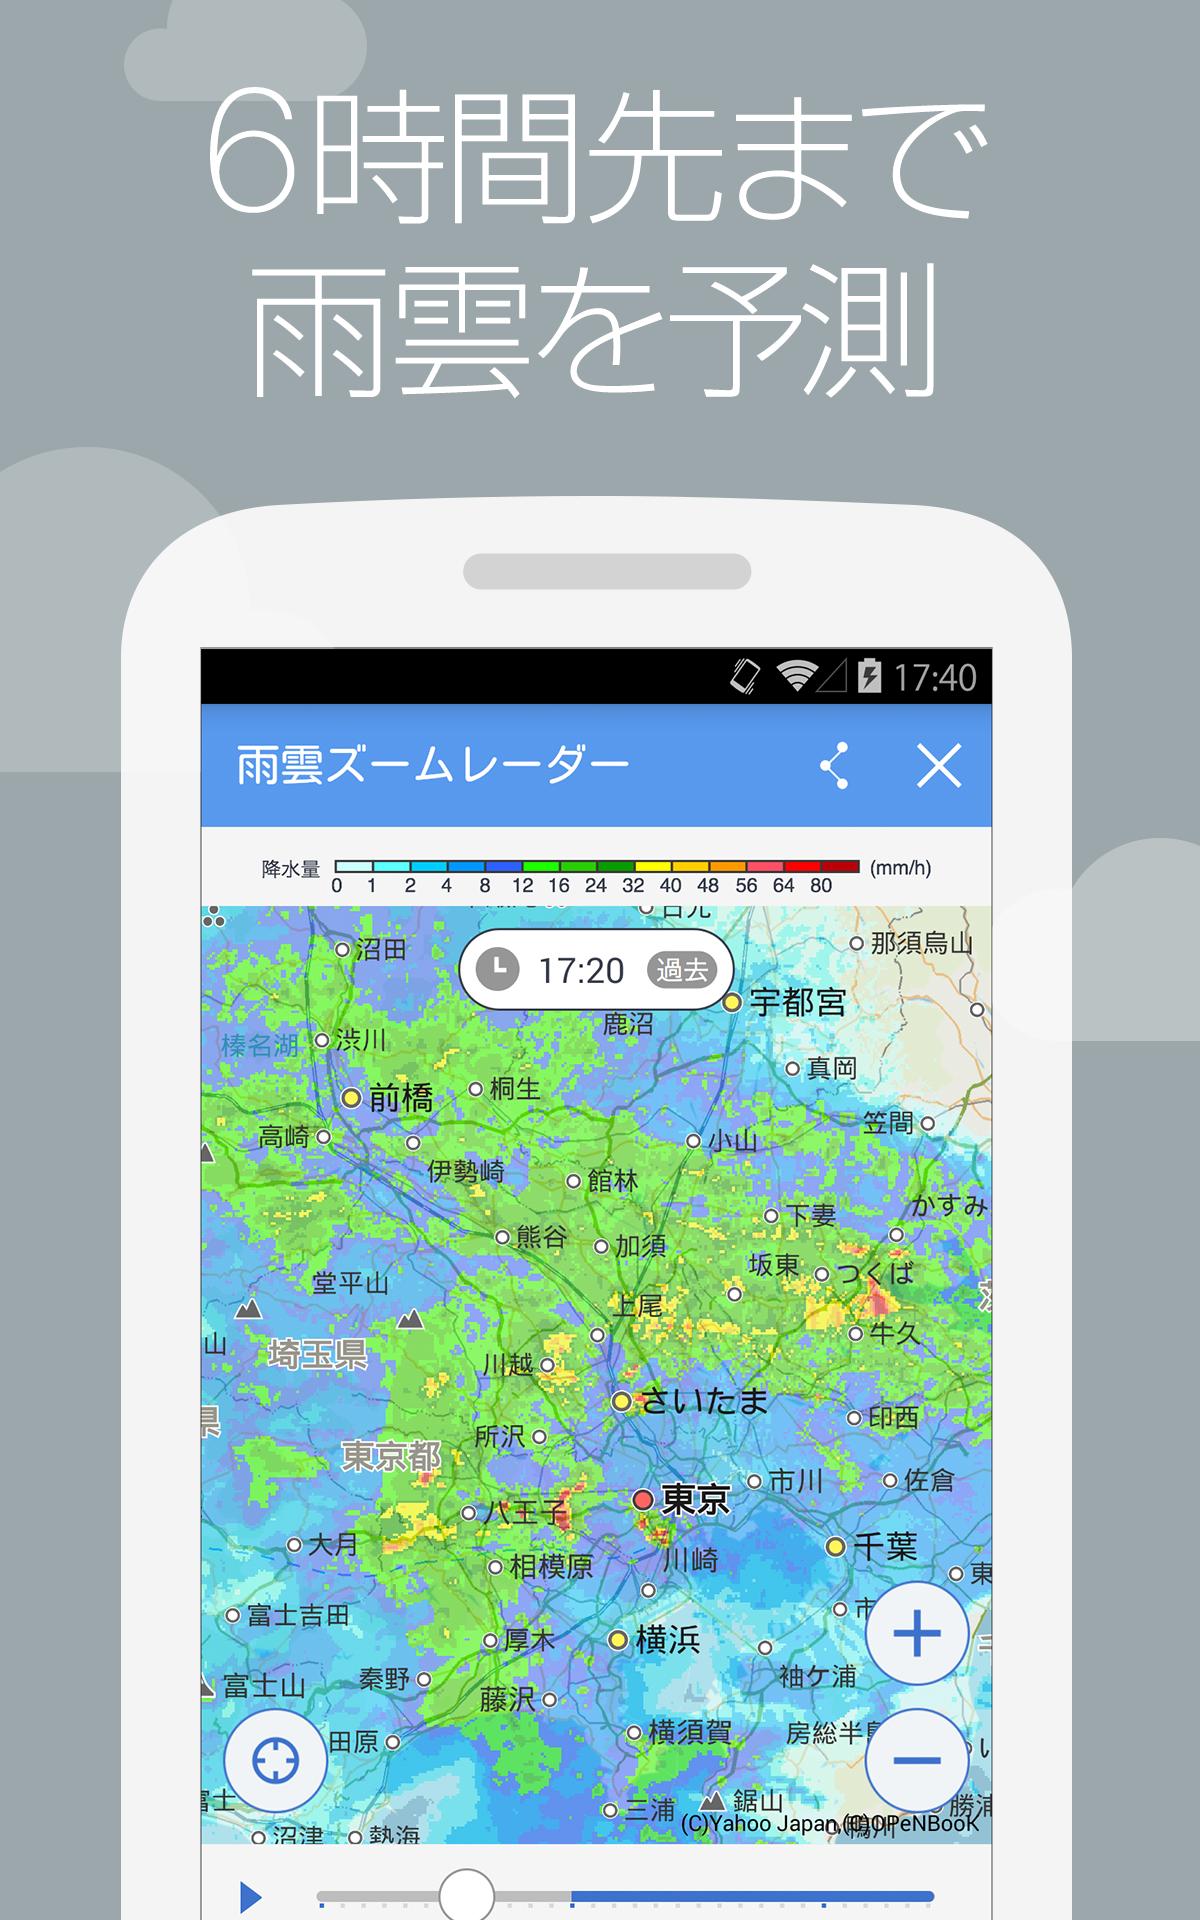 『Yahoo!天気 雨雲の接近や台風の進路がわかる無料の気象予報・情報アプリ』の3枚目の画像